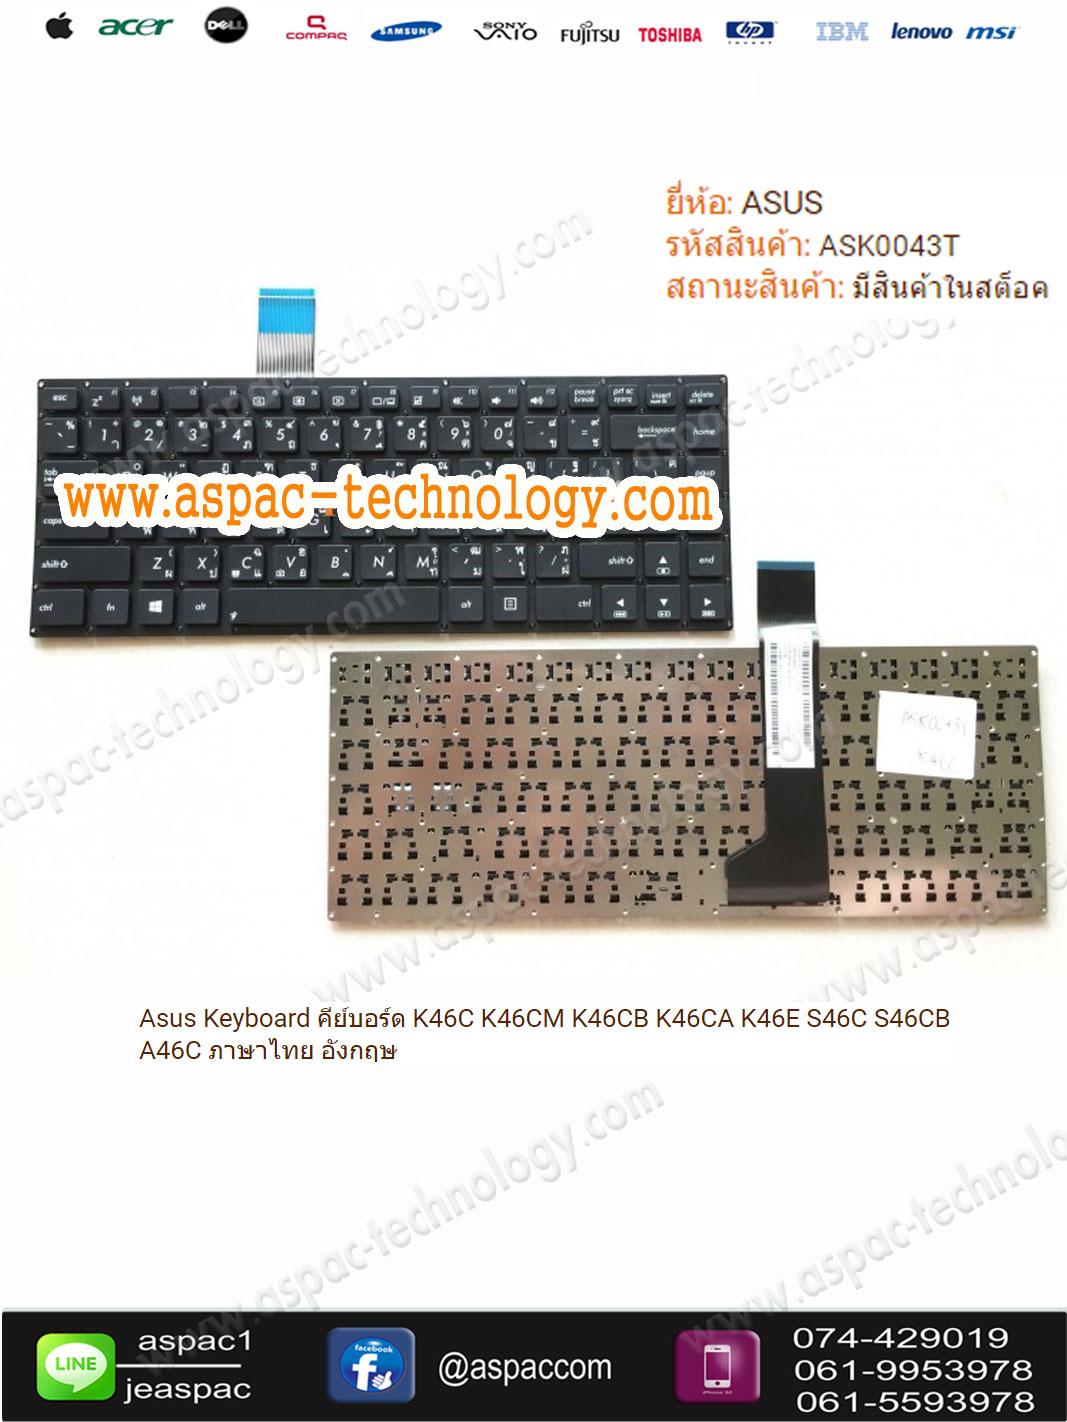 Asus KeyboardK46C K46CM K46CB K46CA K46E S46C S46CB A46C ภาษาไทย อังกฤษ